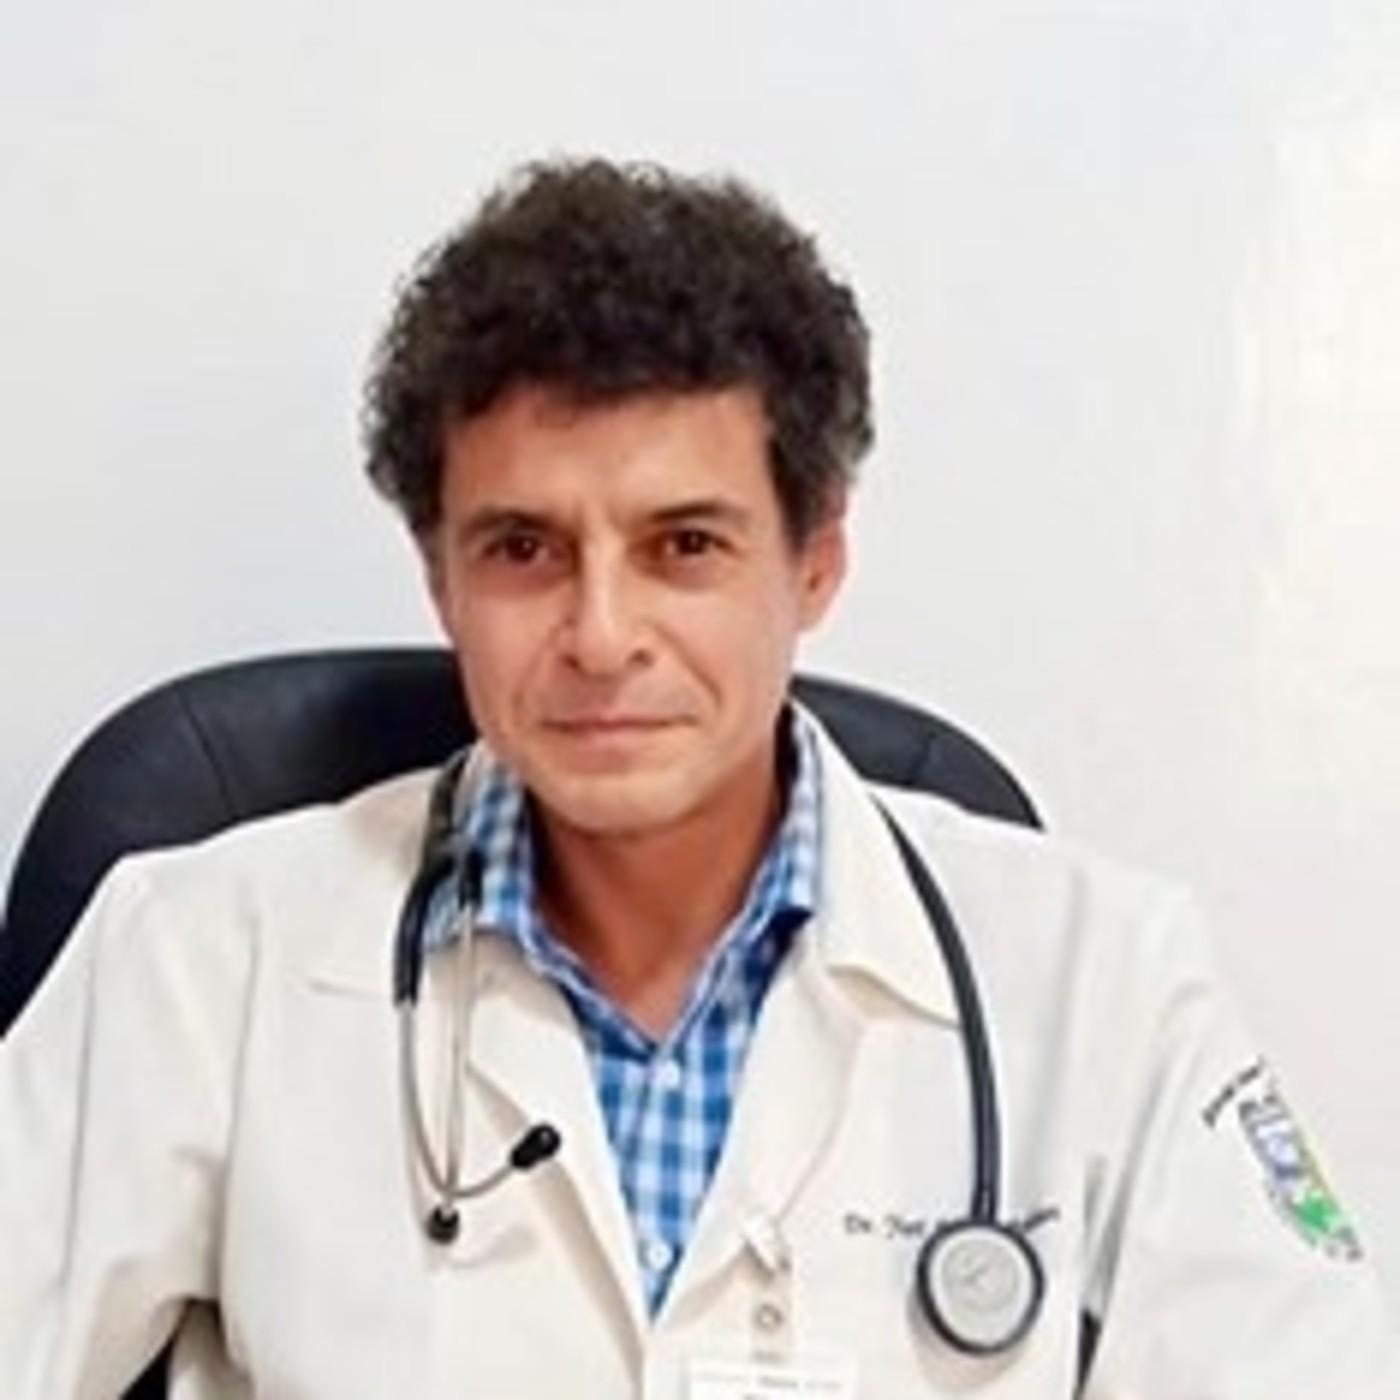 Entrevista Dr. Yuri Roldán Aragón. Coronavirus y medidas preventivas.